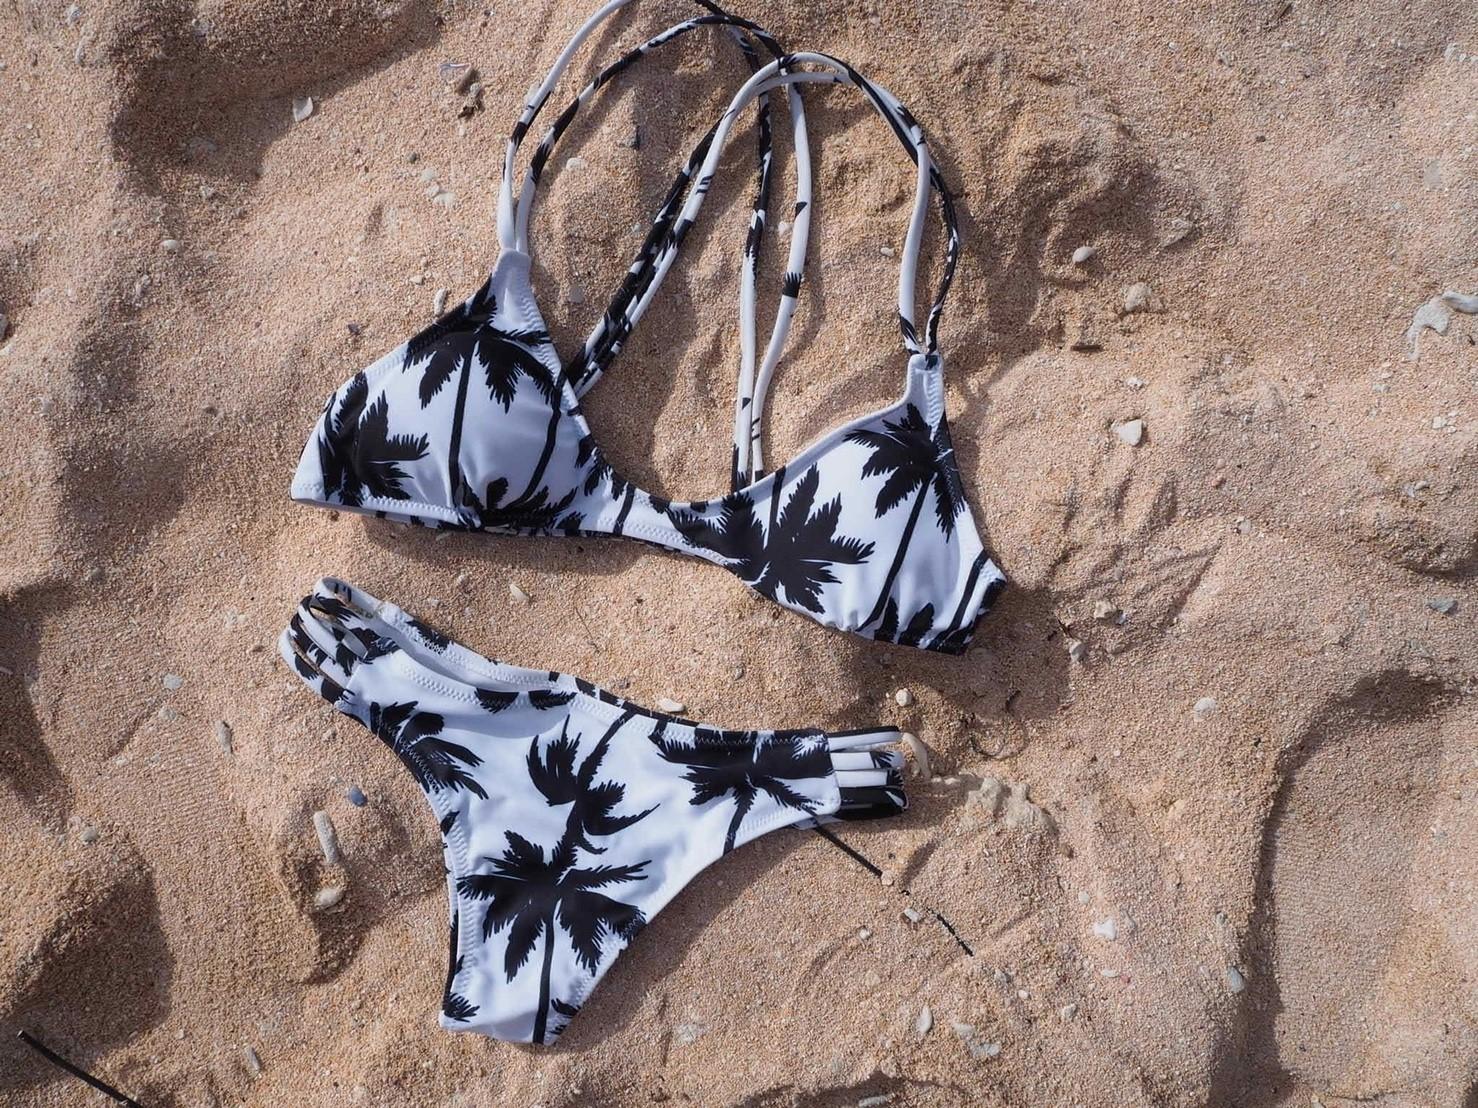 """夏の準備はできた?海辺で映える""""プチプラ水着""""を紹介します♡"""